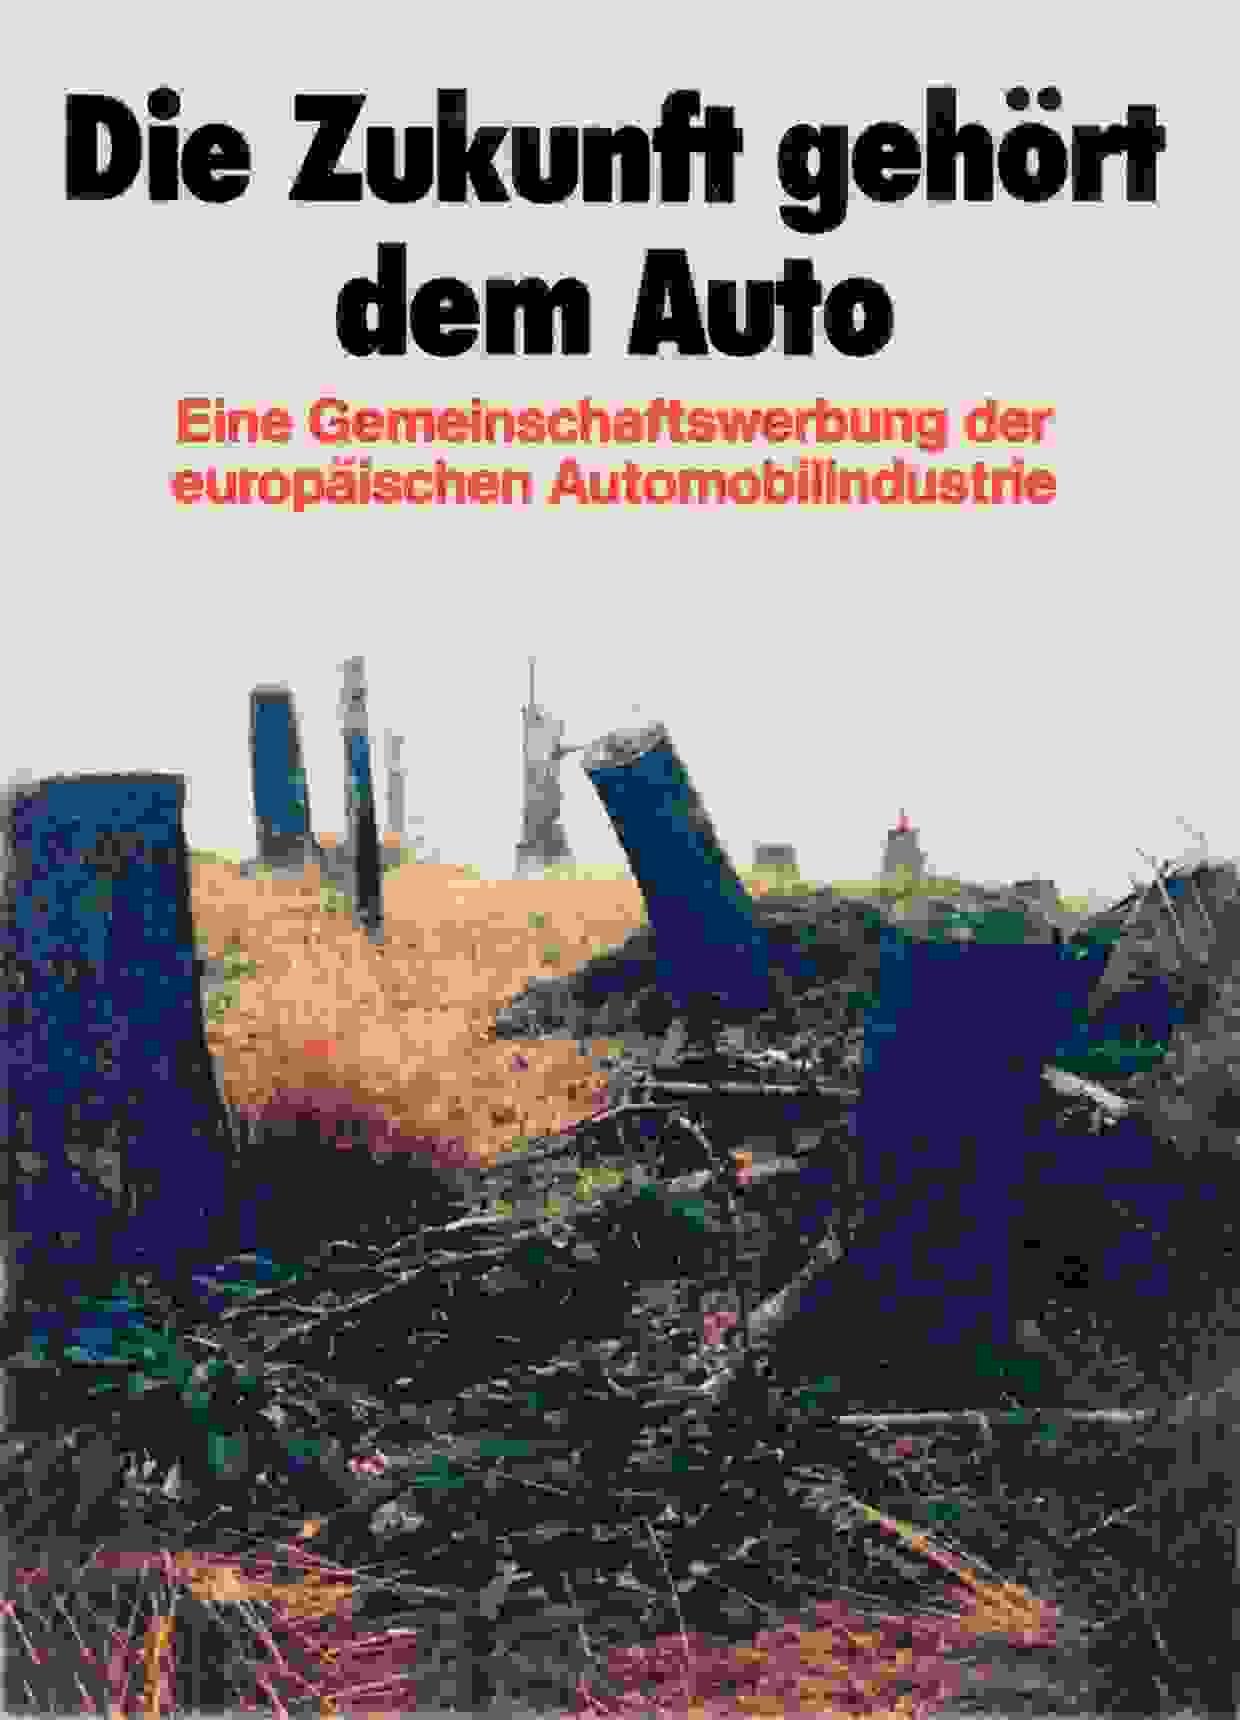 Die Zukunft gehört dem Auto